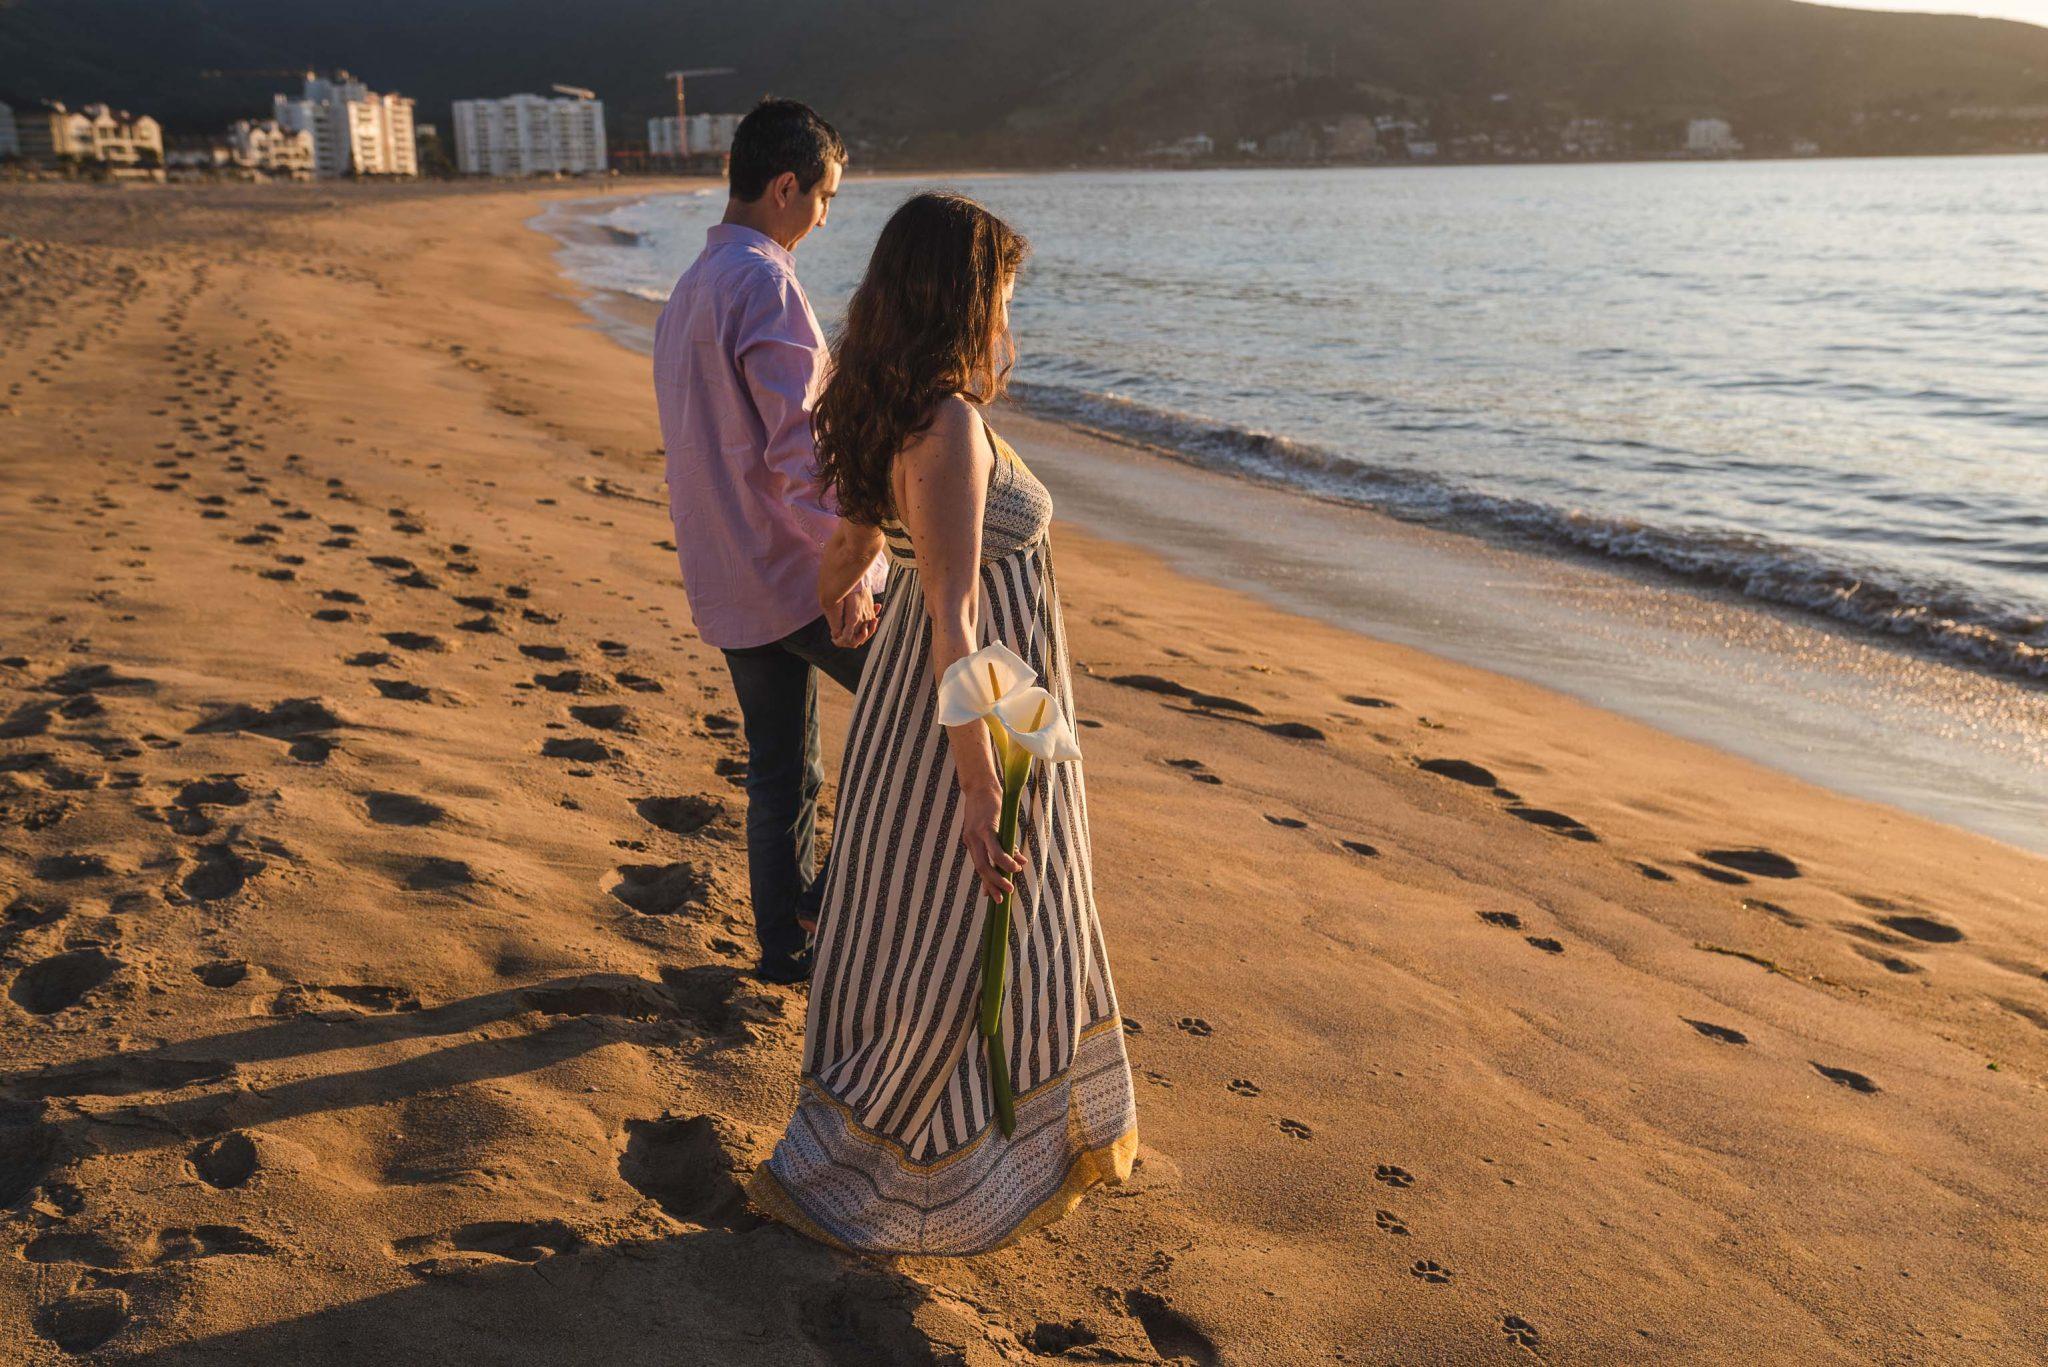 Sesión pre boda-papudo-matrimonio-diego mena fotografia-fotografo de matrimonios